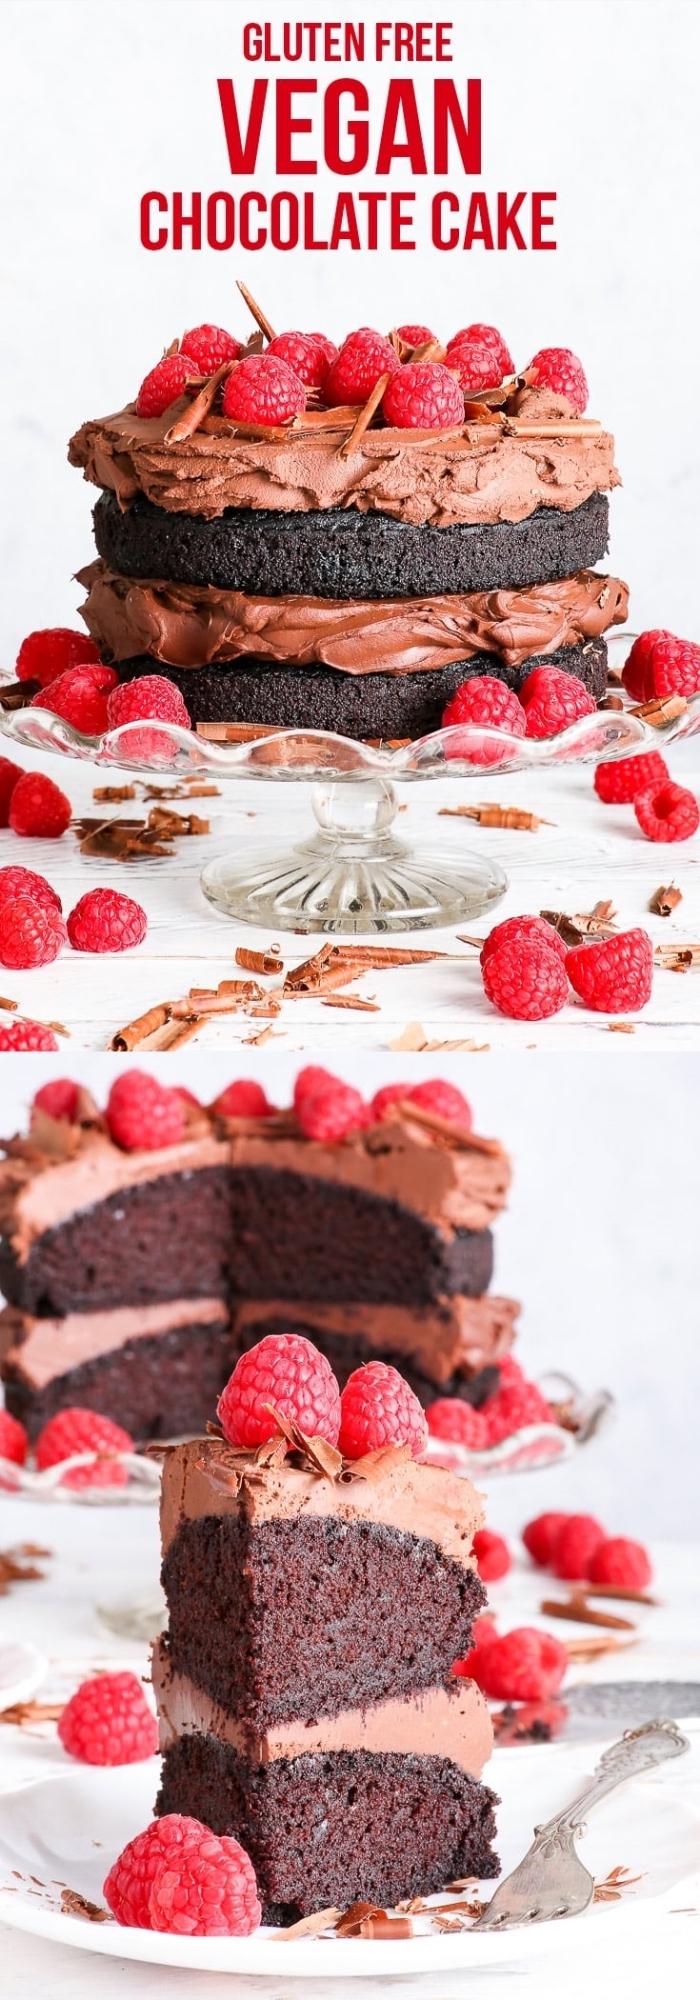 comment préparer un dessert sans oeufs, idée gâteau d'anniversaire au chocolat et framboise facile, gateau au chocolat sans oeuf